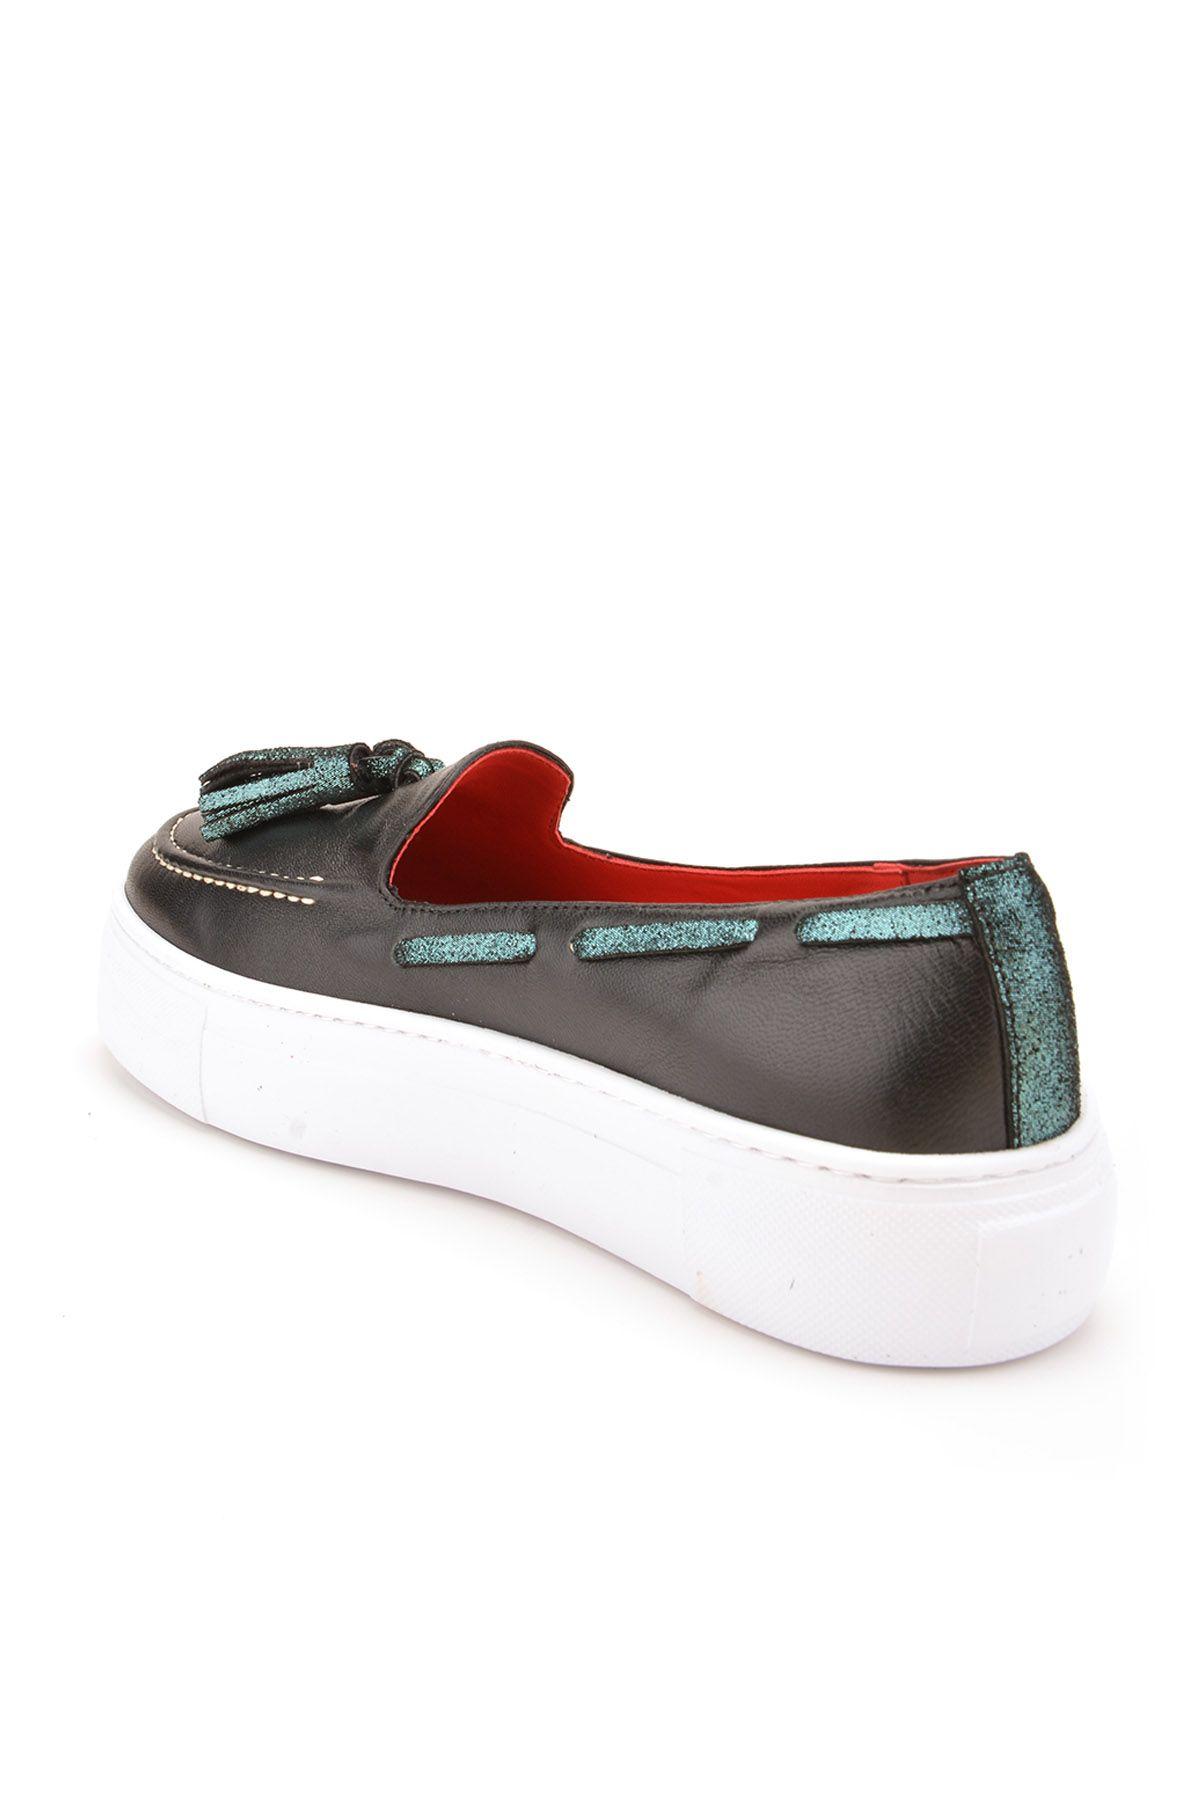 Pegia Pernety Hakiki Deri Bayan Günlük Ayakkabı REC-010 Siyah